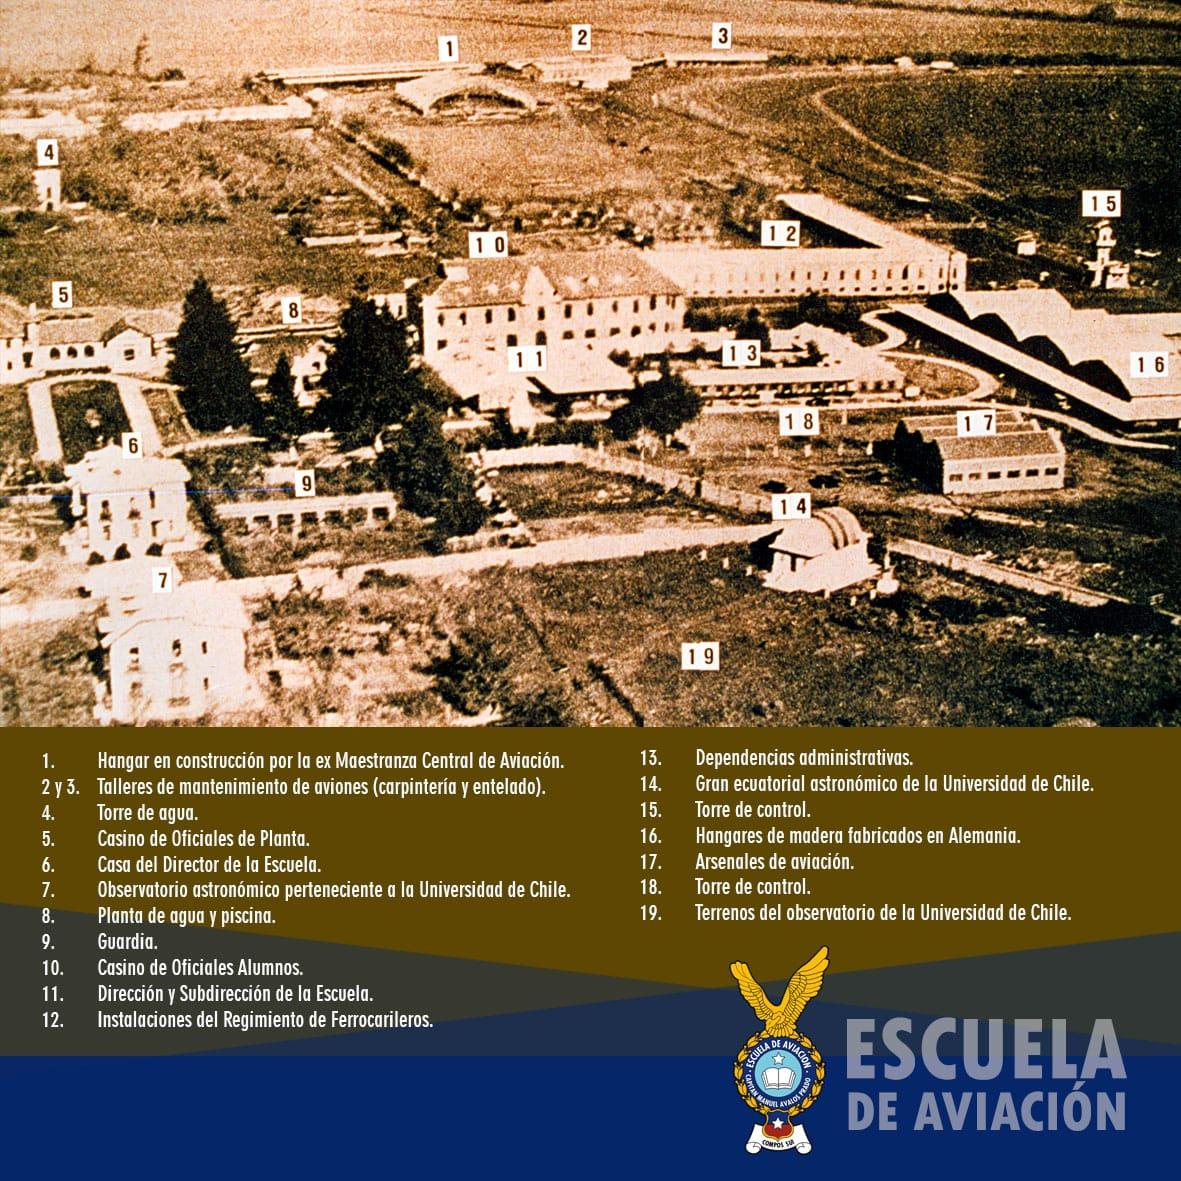 La Base Aérea El Bosque perteneció primero al @Ejercito_Chile y luego a la #FACh, estando por más de 100 años en la @munielbosque. Te dejamos una vista aérea de hace #90años con la distribución de las instalaciones de la @esc_aviacion en aquella época pic.twitter.com/lkr3DxTQsX